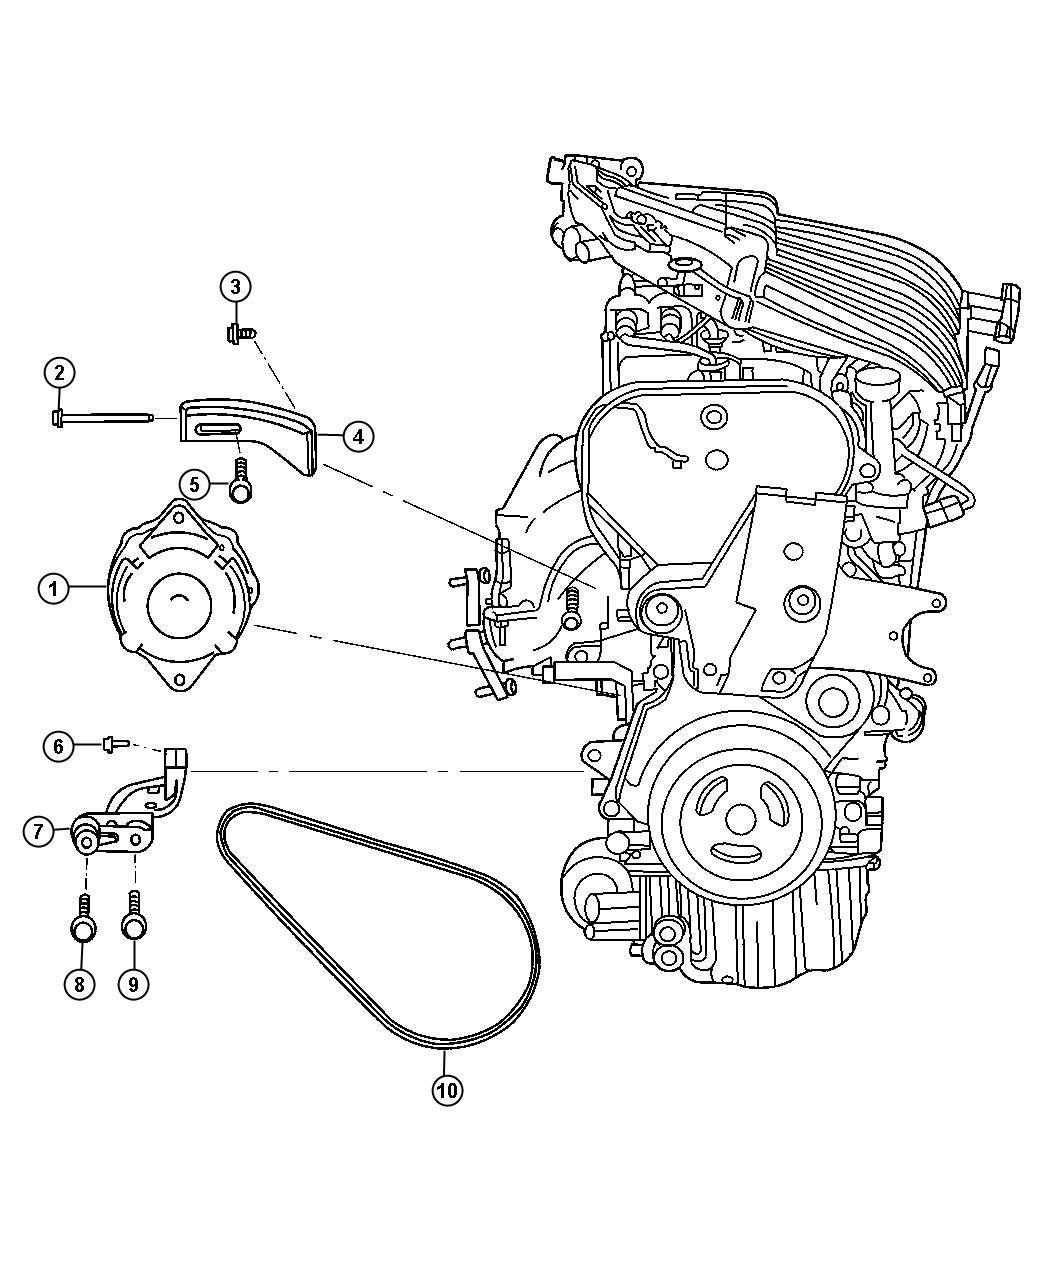 Dodge Ram 6 7l Cummins Turbosel 6 Spd Auto Aisin